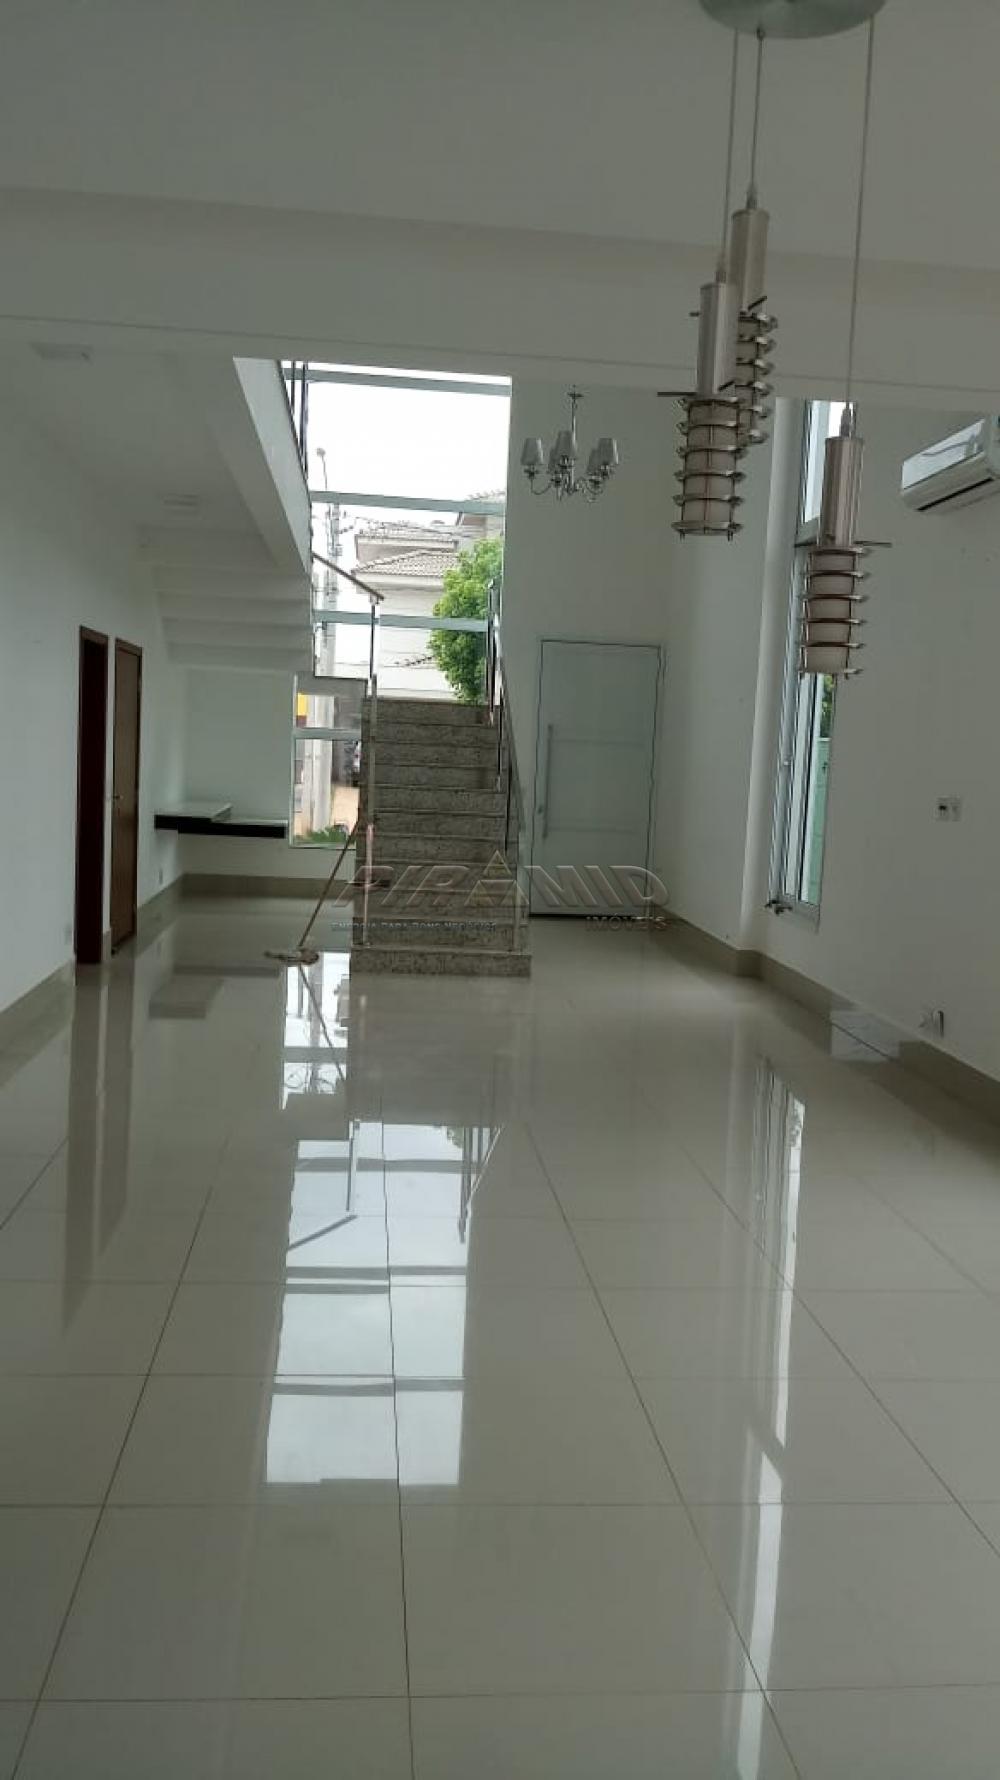 Alugar Casa / Condomínio em Ribeirão Preto apenas R$ 6.000,00 - Foto 2